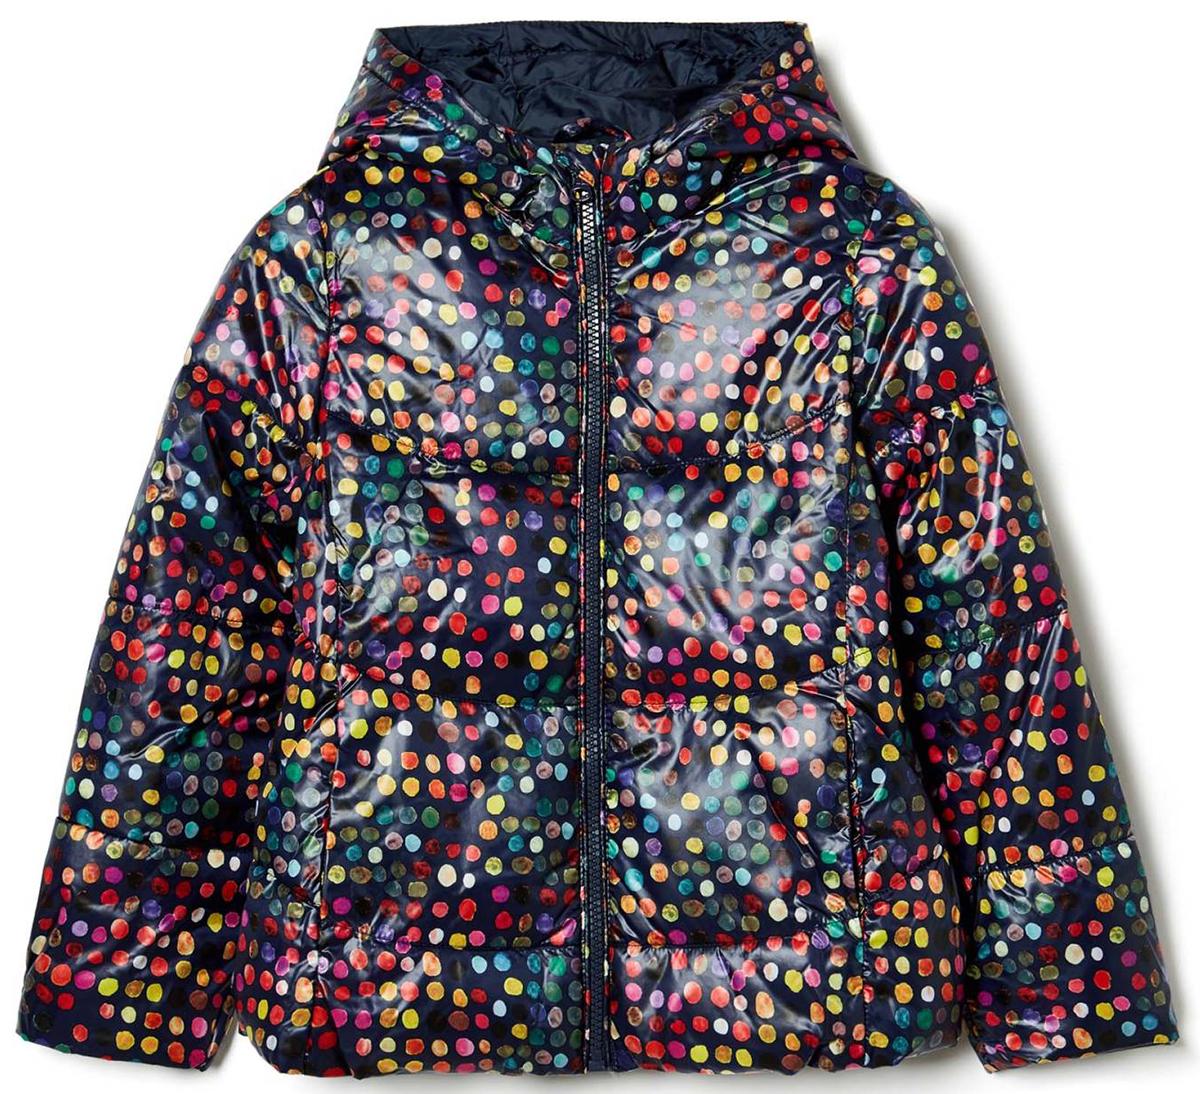 Куртка для девочки United Colors of Benetton, цвет: мультиколор. 2DZR53AM0_902. Размер 1302DZR53AM0_902Куртка для девочки United Colors of Benetton выполнена из полиэстера. Модель с капюшоном застегивается на застежку-молнию.